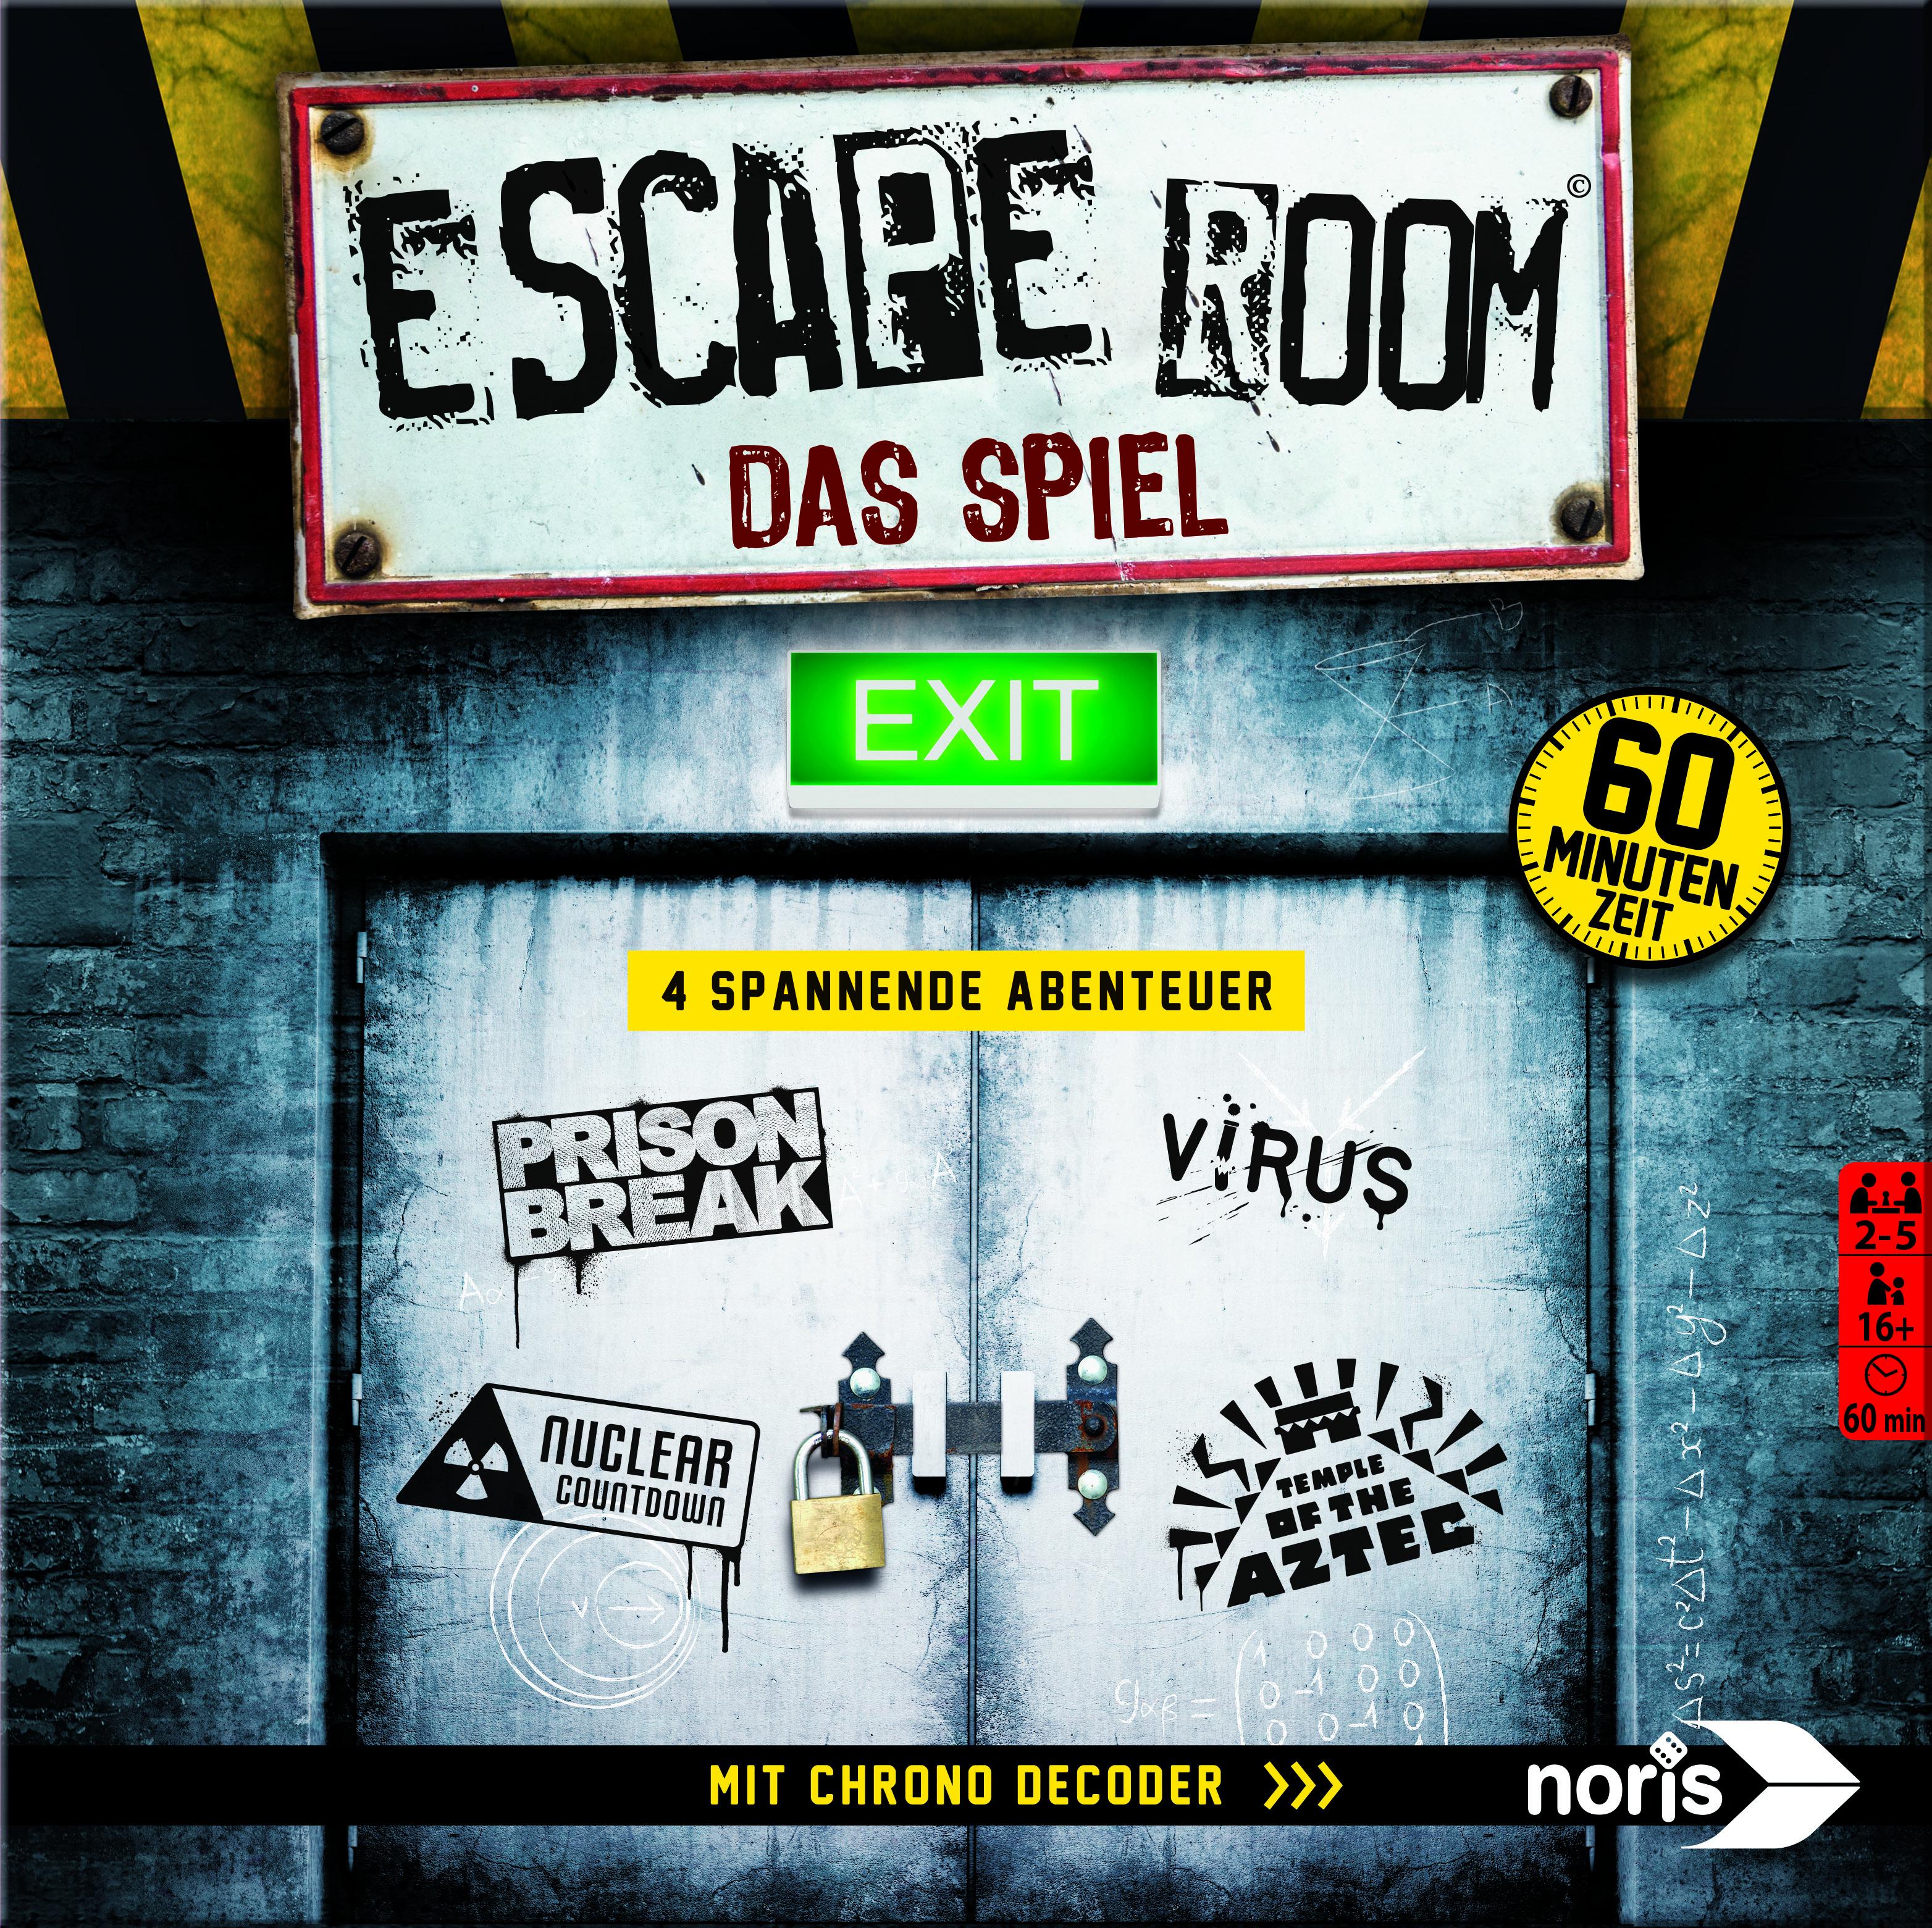 Unboxing Escape Room Das Spiel Exit Game Info